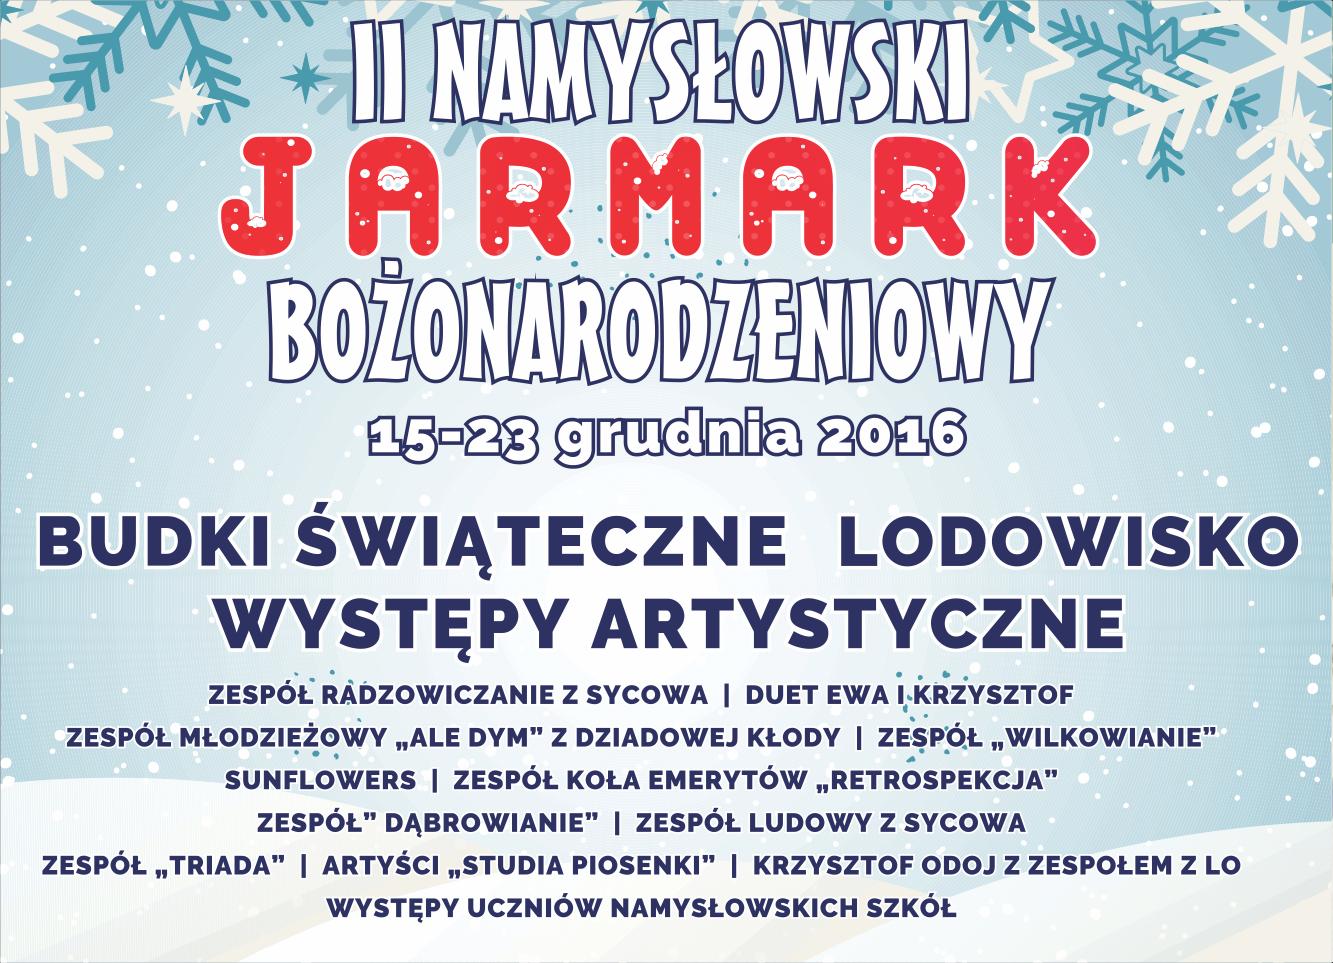 namysłowski jarmark bożonarodzeniowy.png